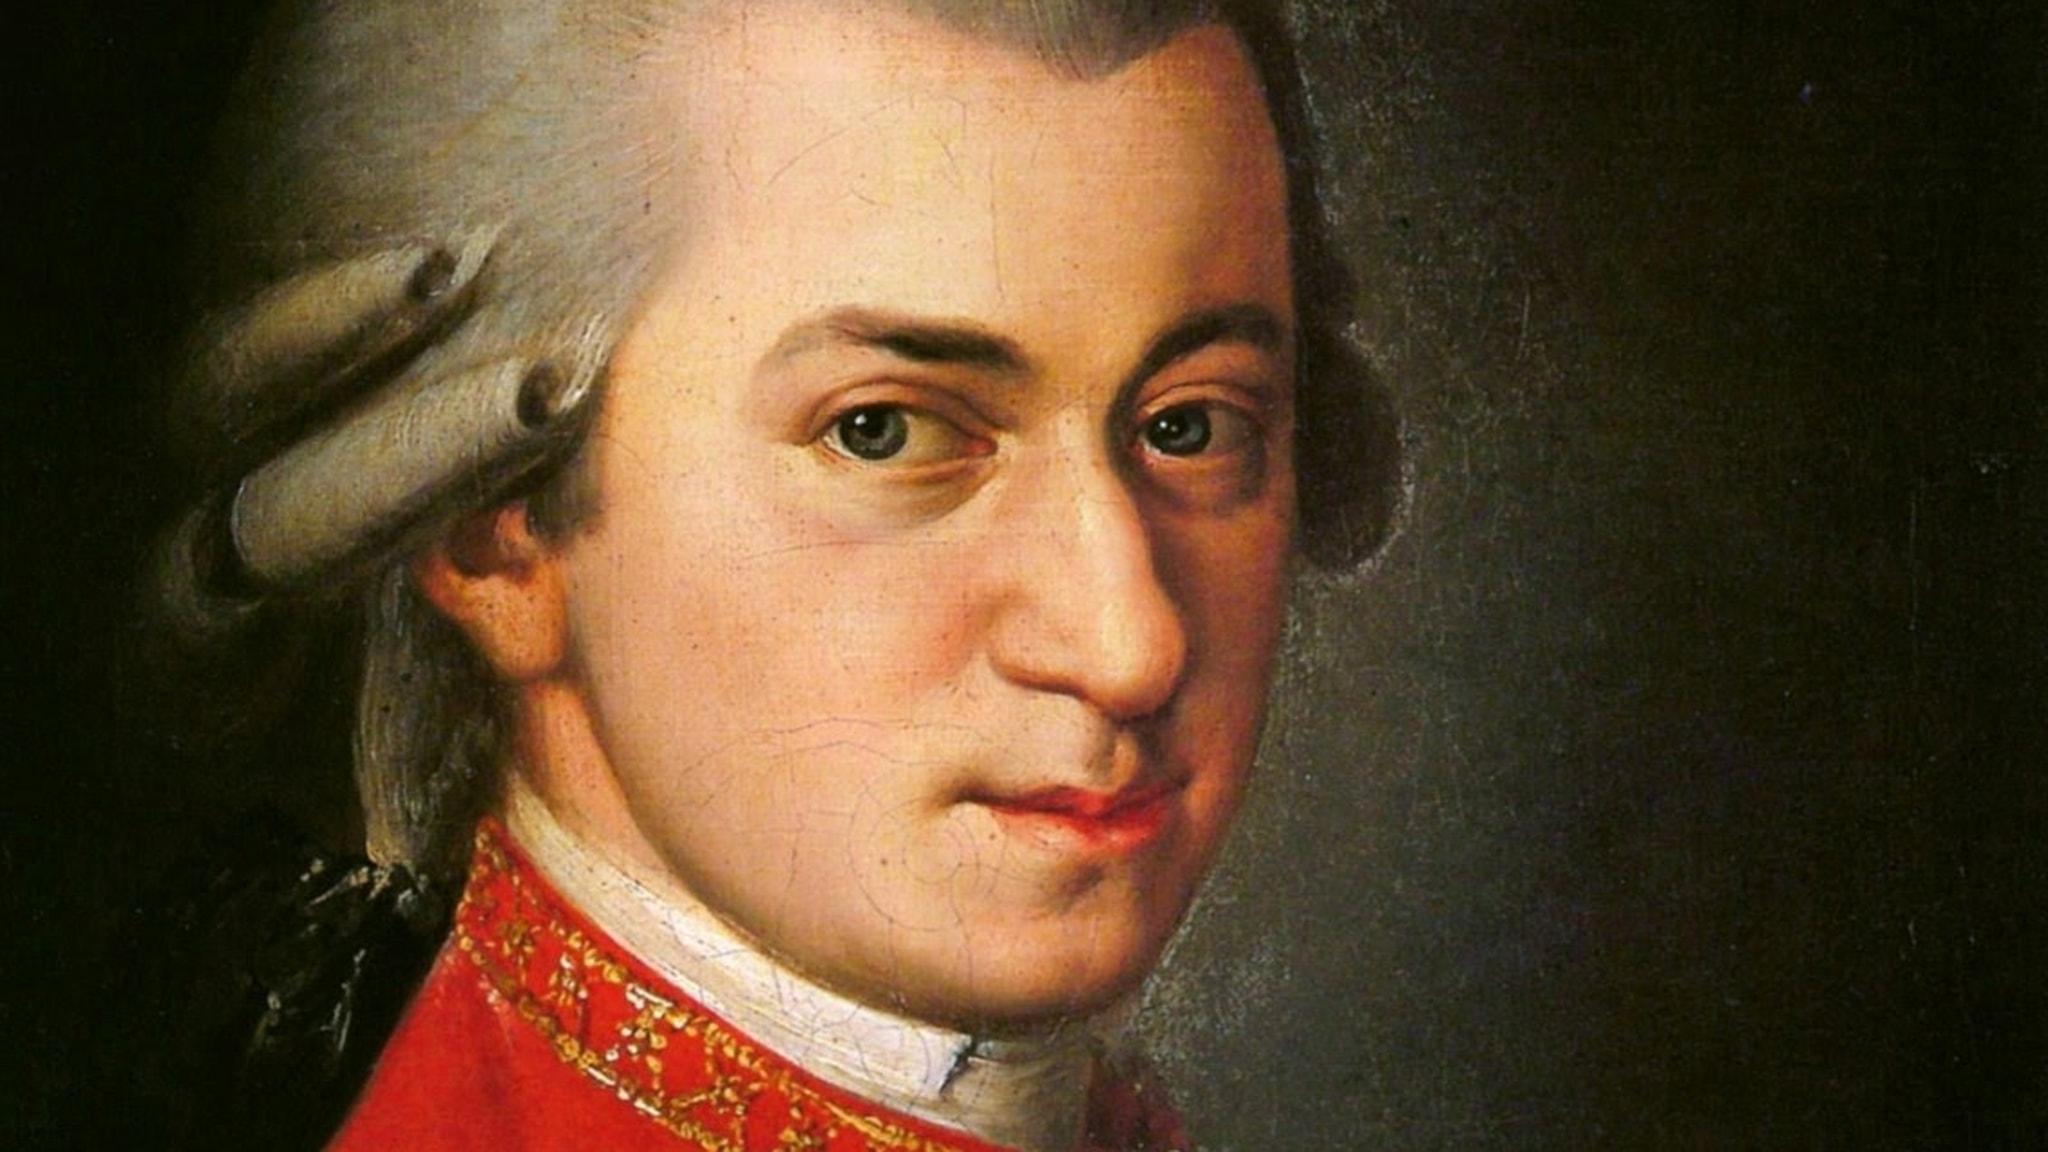 KONSERT: Mozartfestivalen i Würzburg